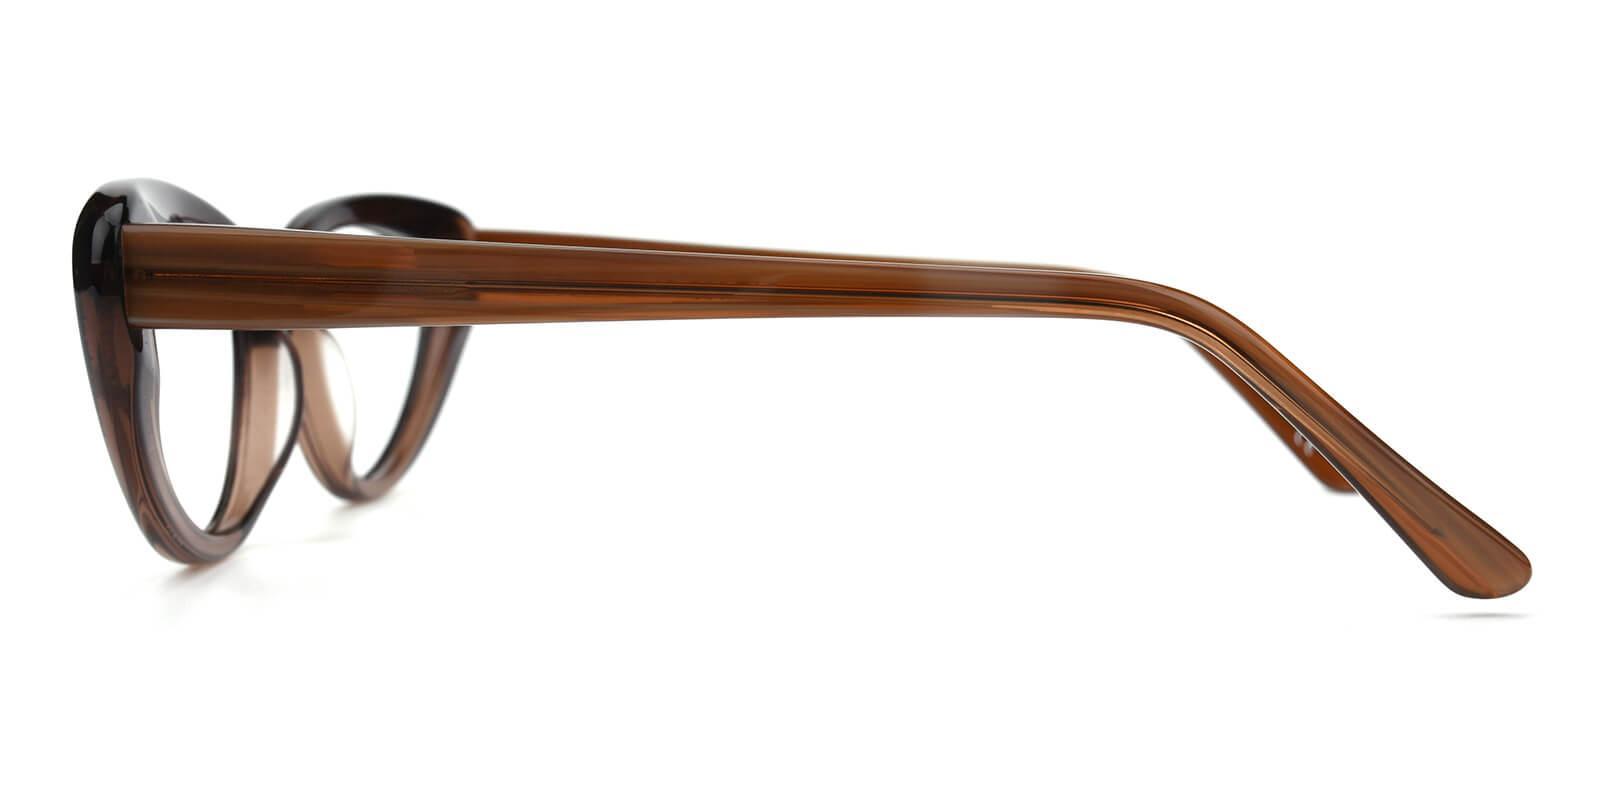 Retro-Cream-Cat-Acetate-Eyeglasses-additional3